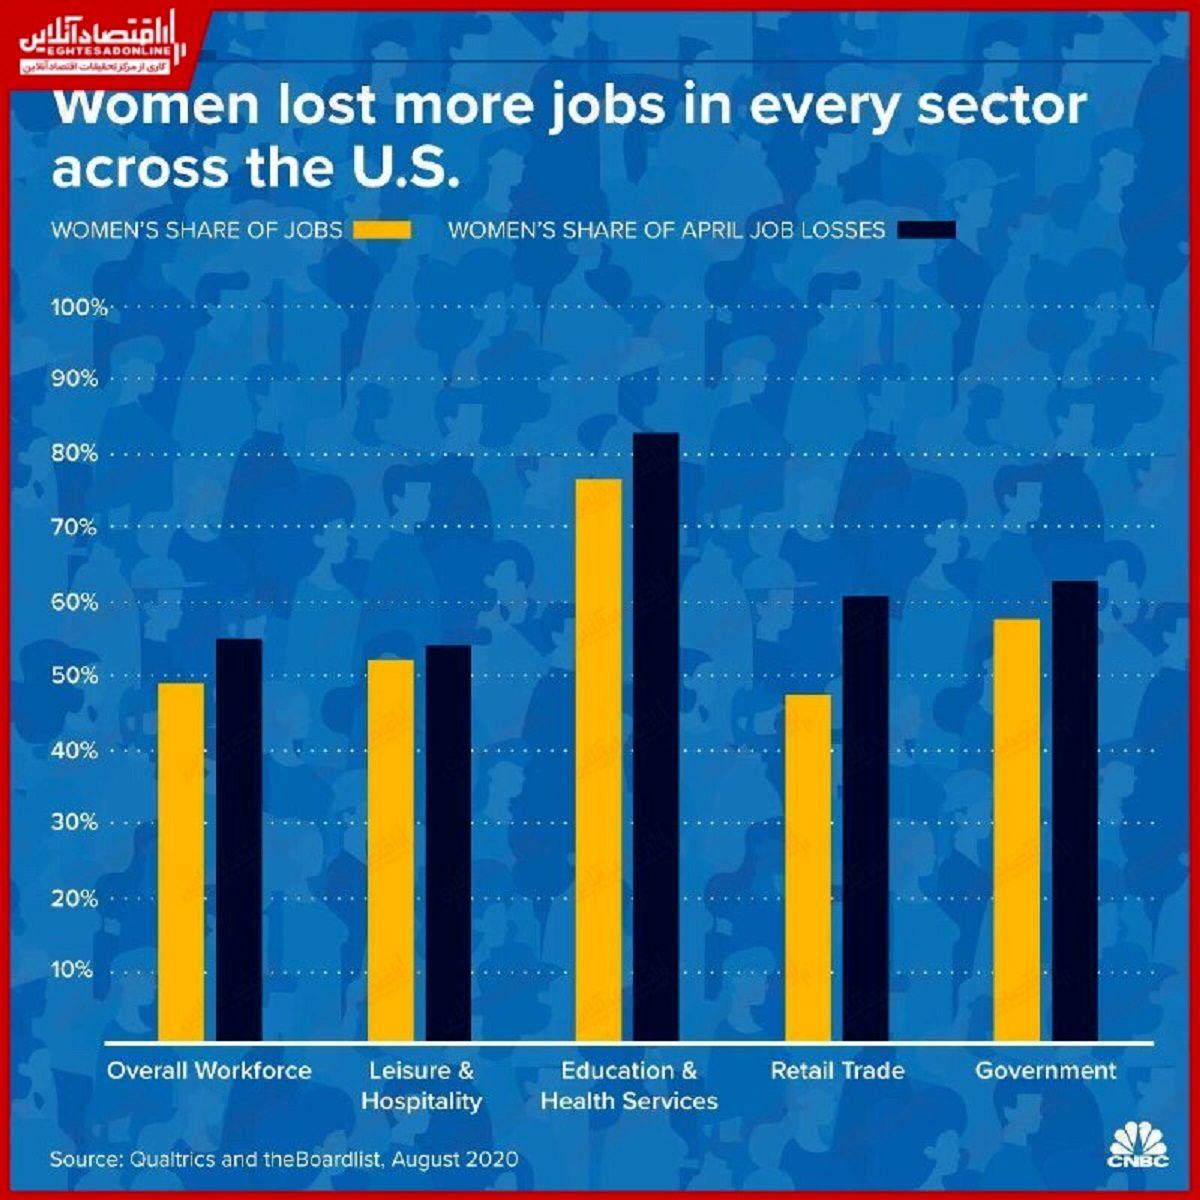 زنان شاغل آمریکا بیشترین آسیب را از کرونا دیدند/ چند درصد از بیکاریها در مشاغل مختلف برای زنان بود؟